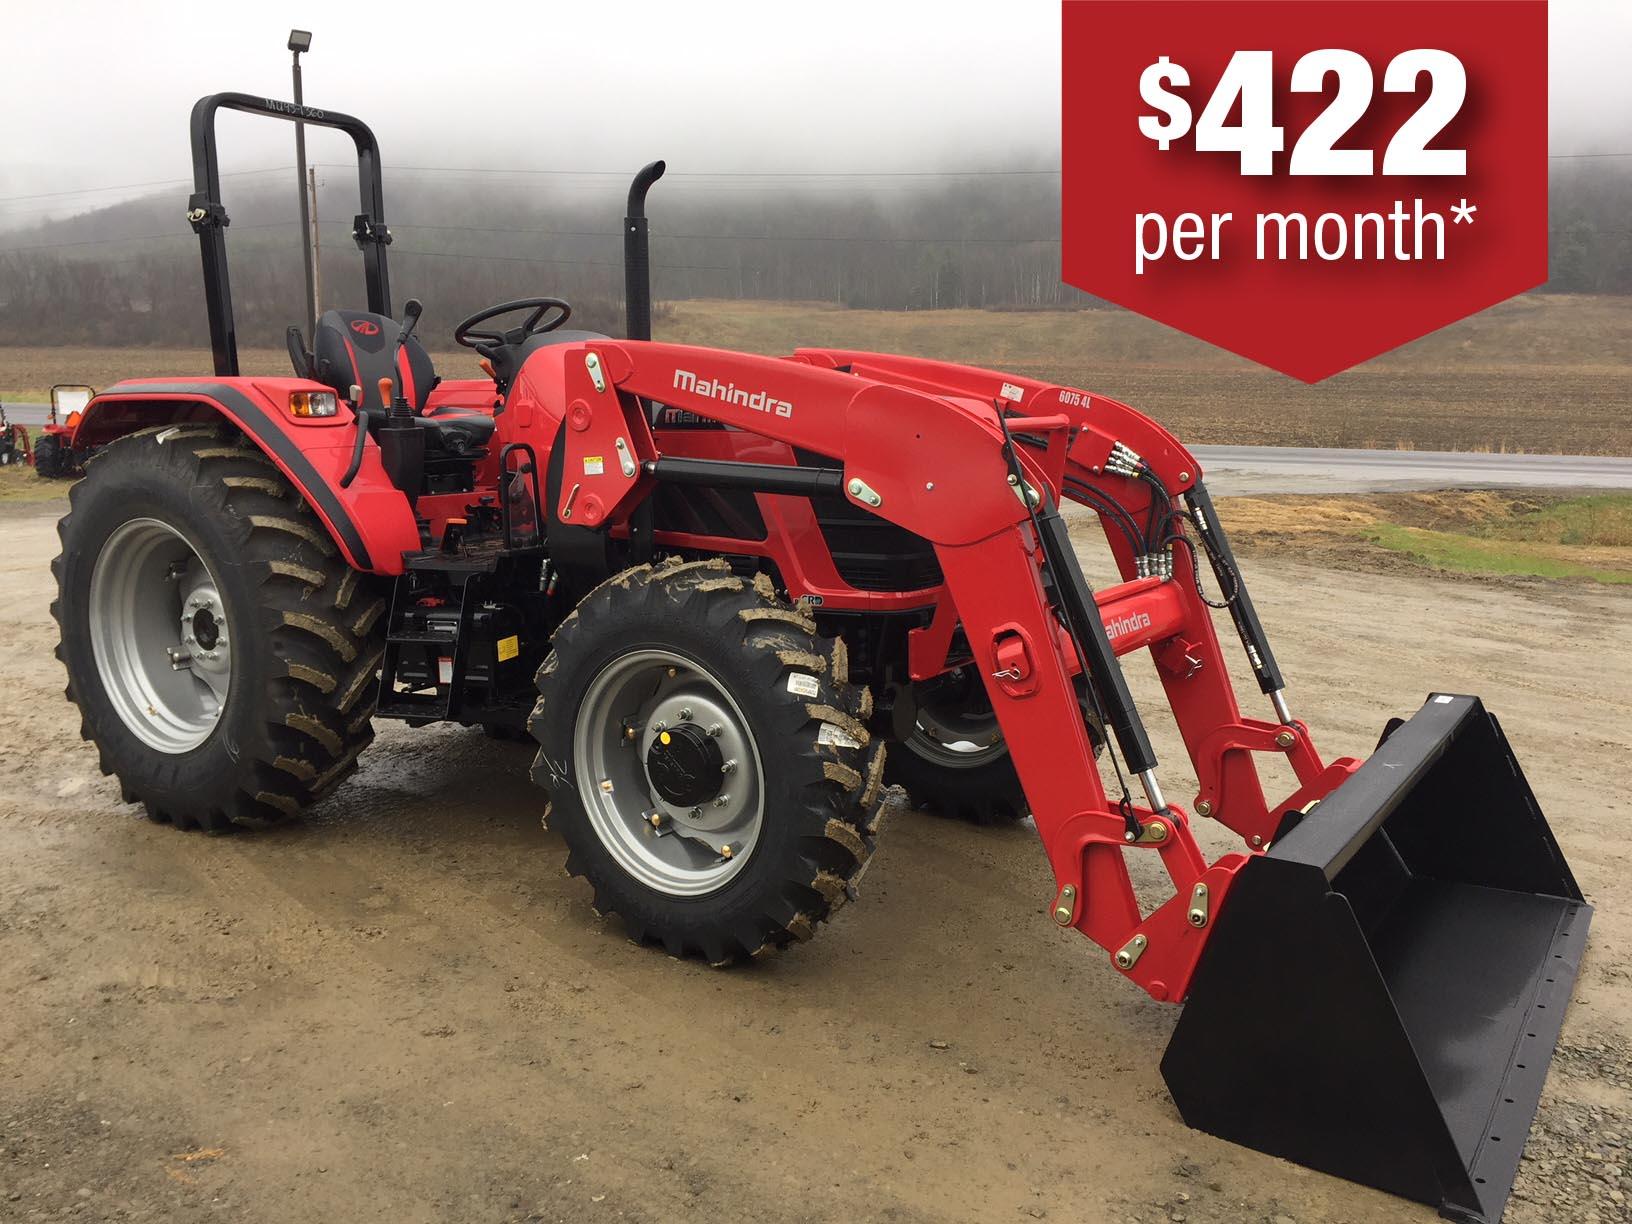 Mahindra 6065 tractor